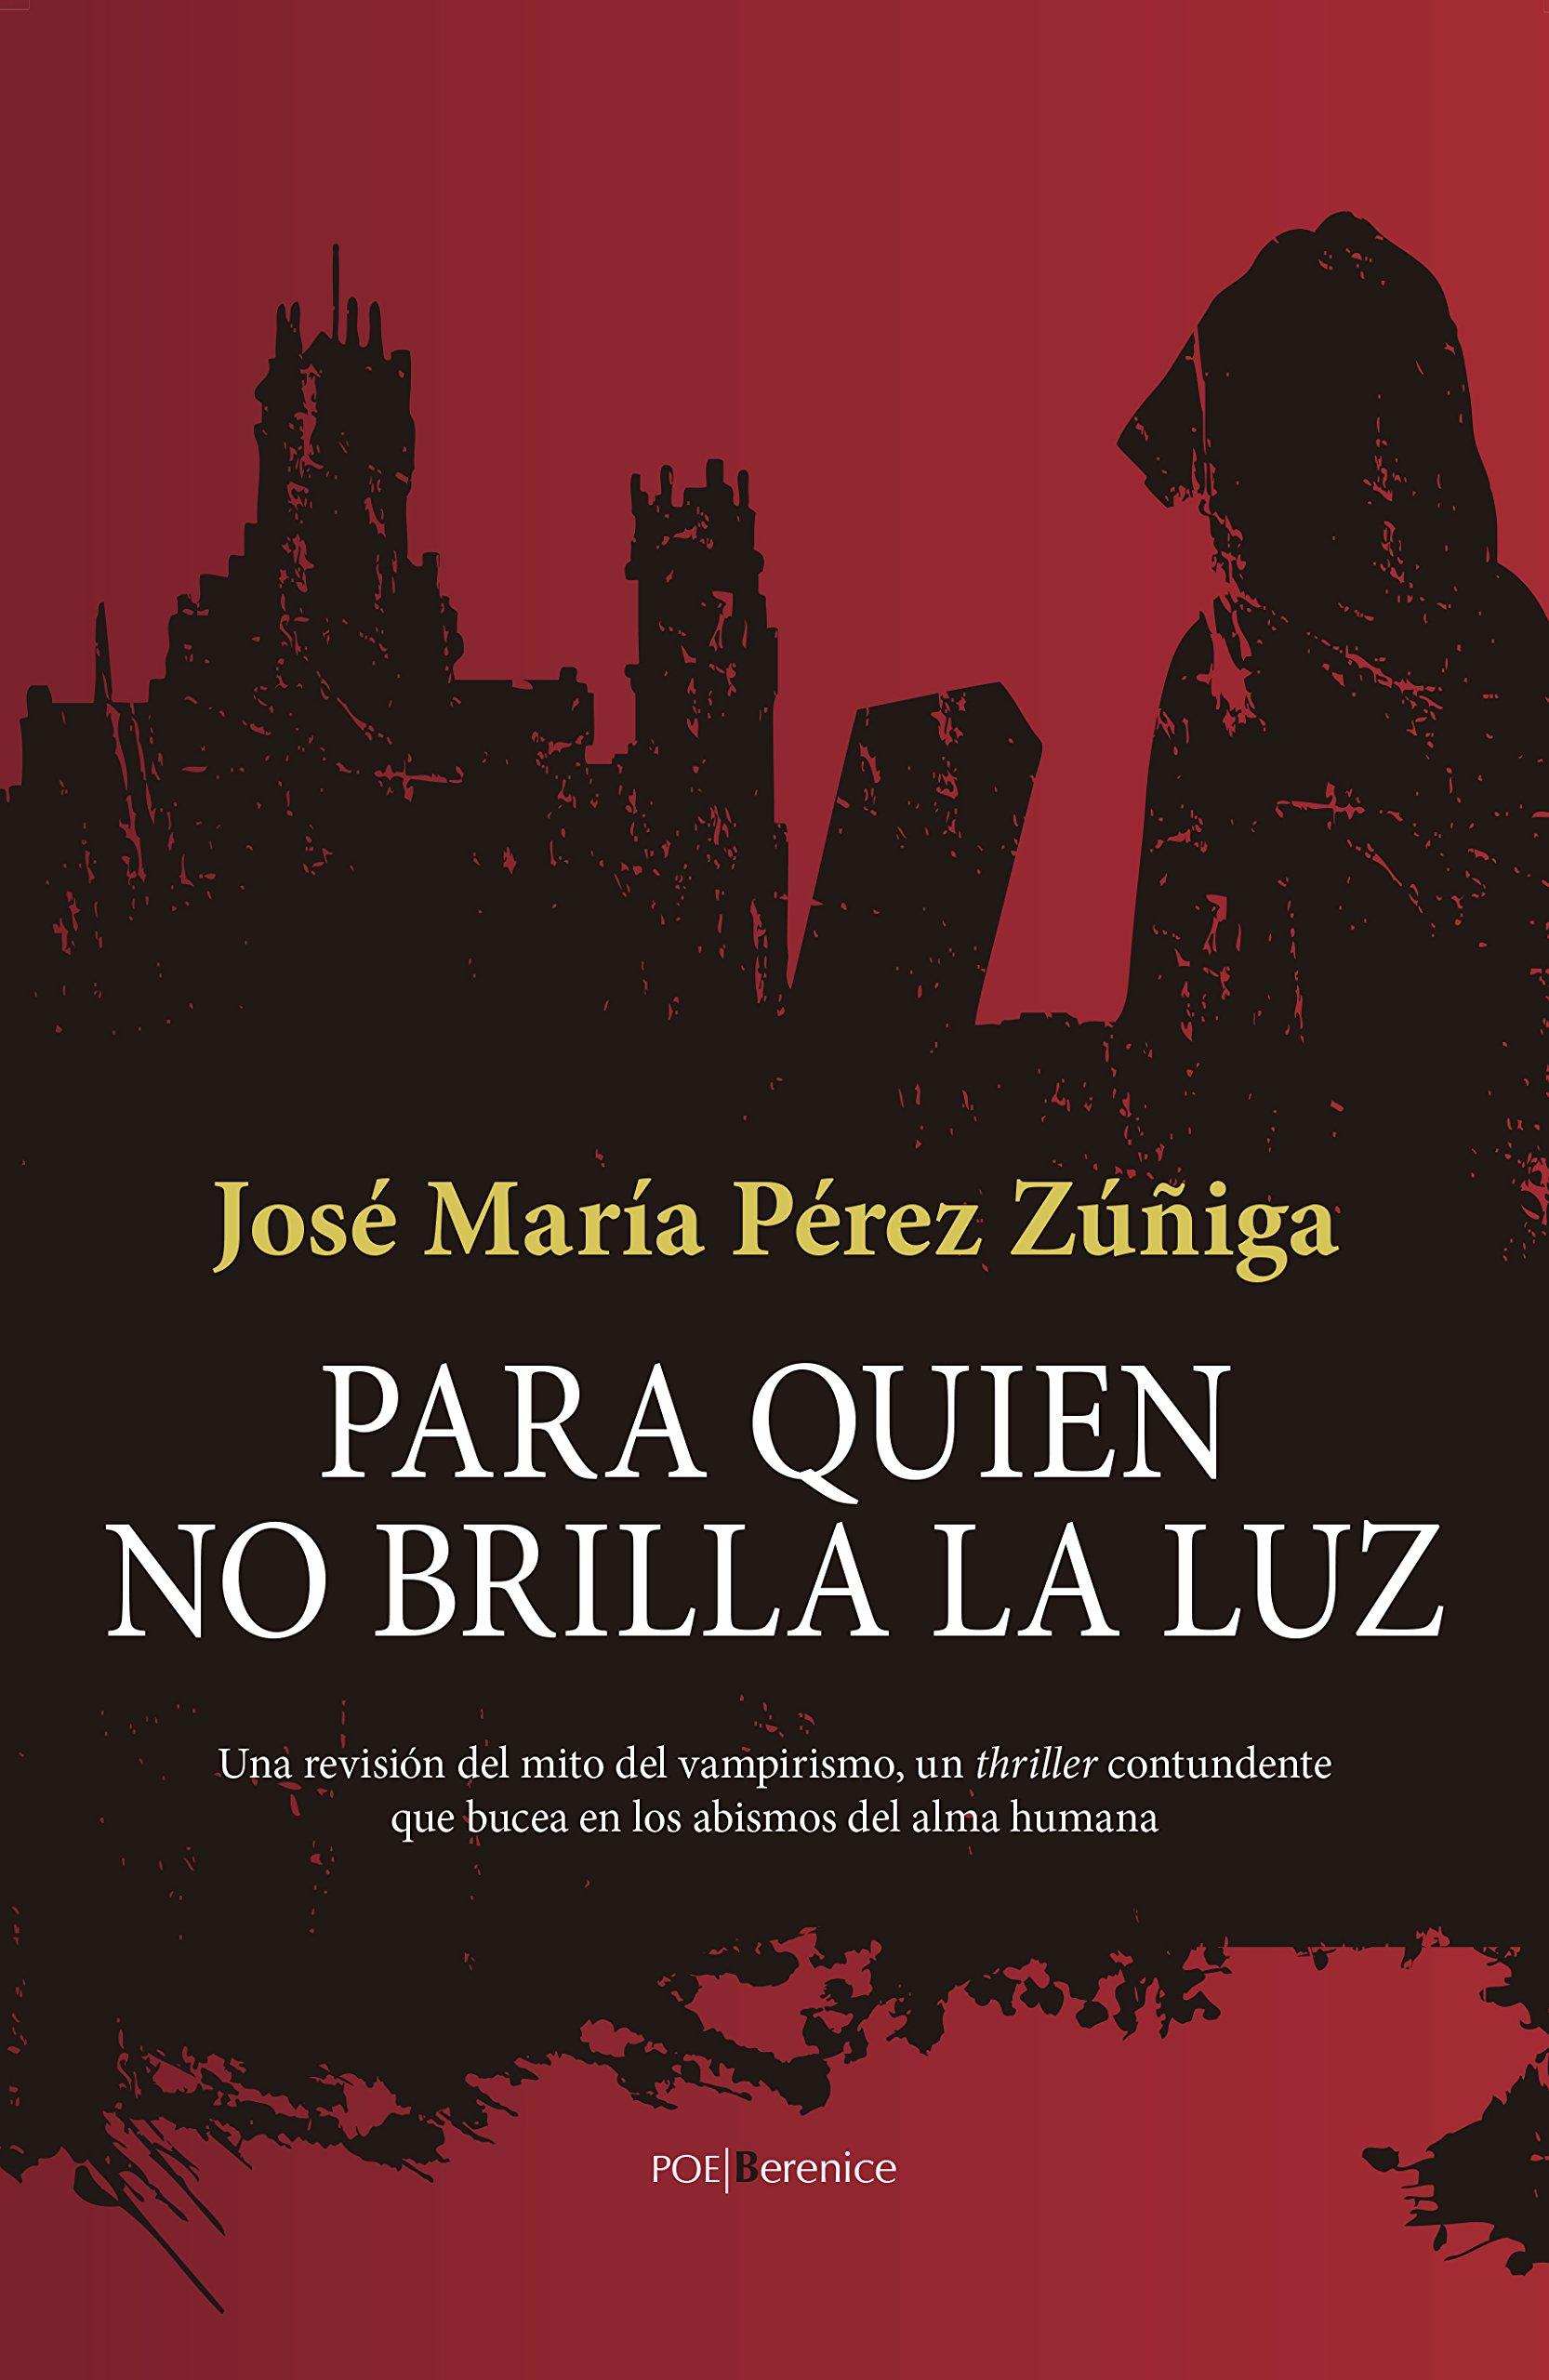 Para quien no brilla la luz (Poe): Amazon.es: José María Pérez Zúñiga:  Libros